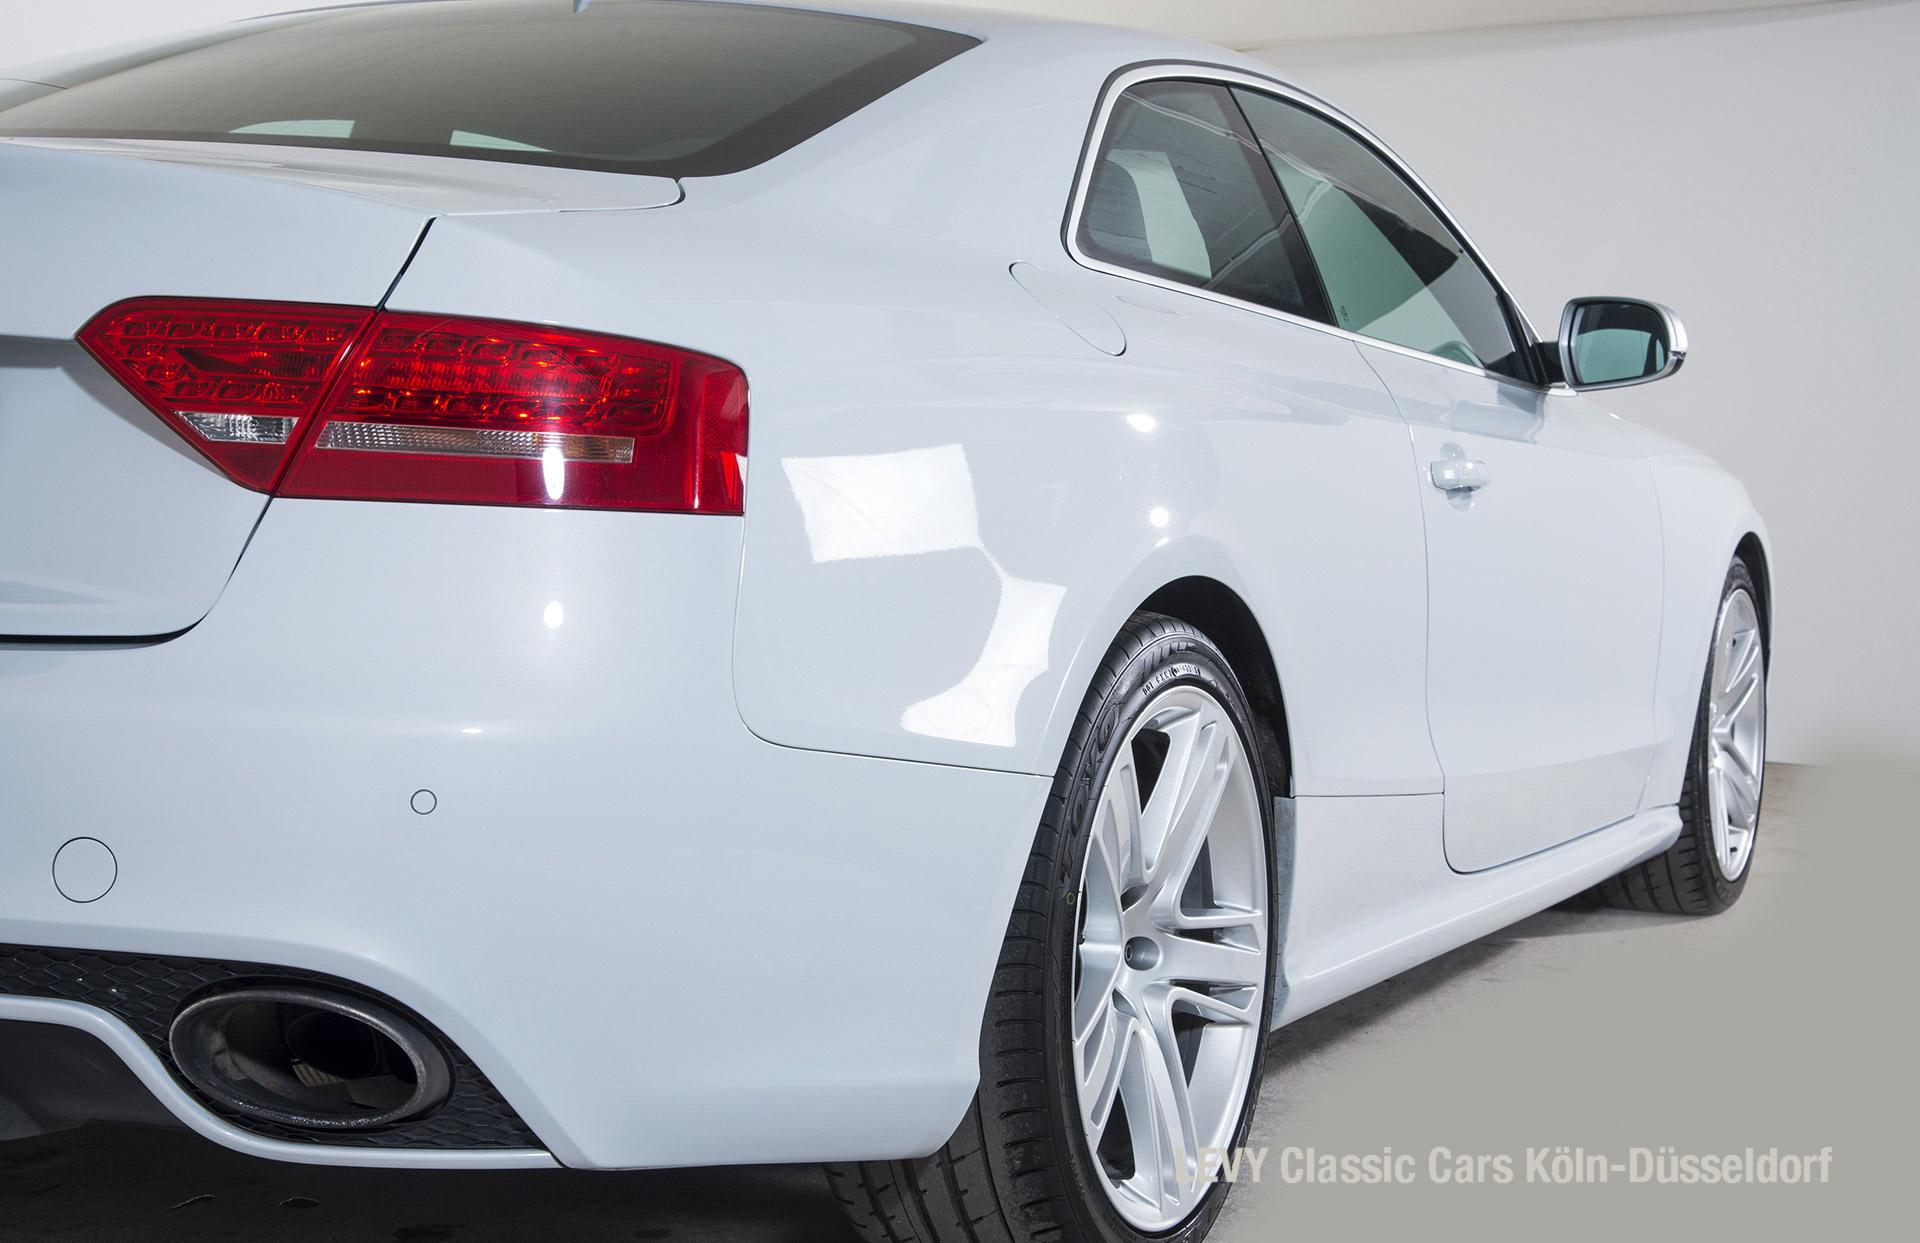 903174 Audi Rs5 56